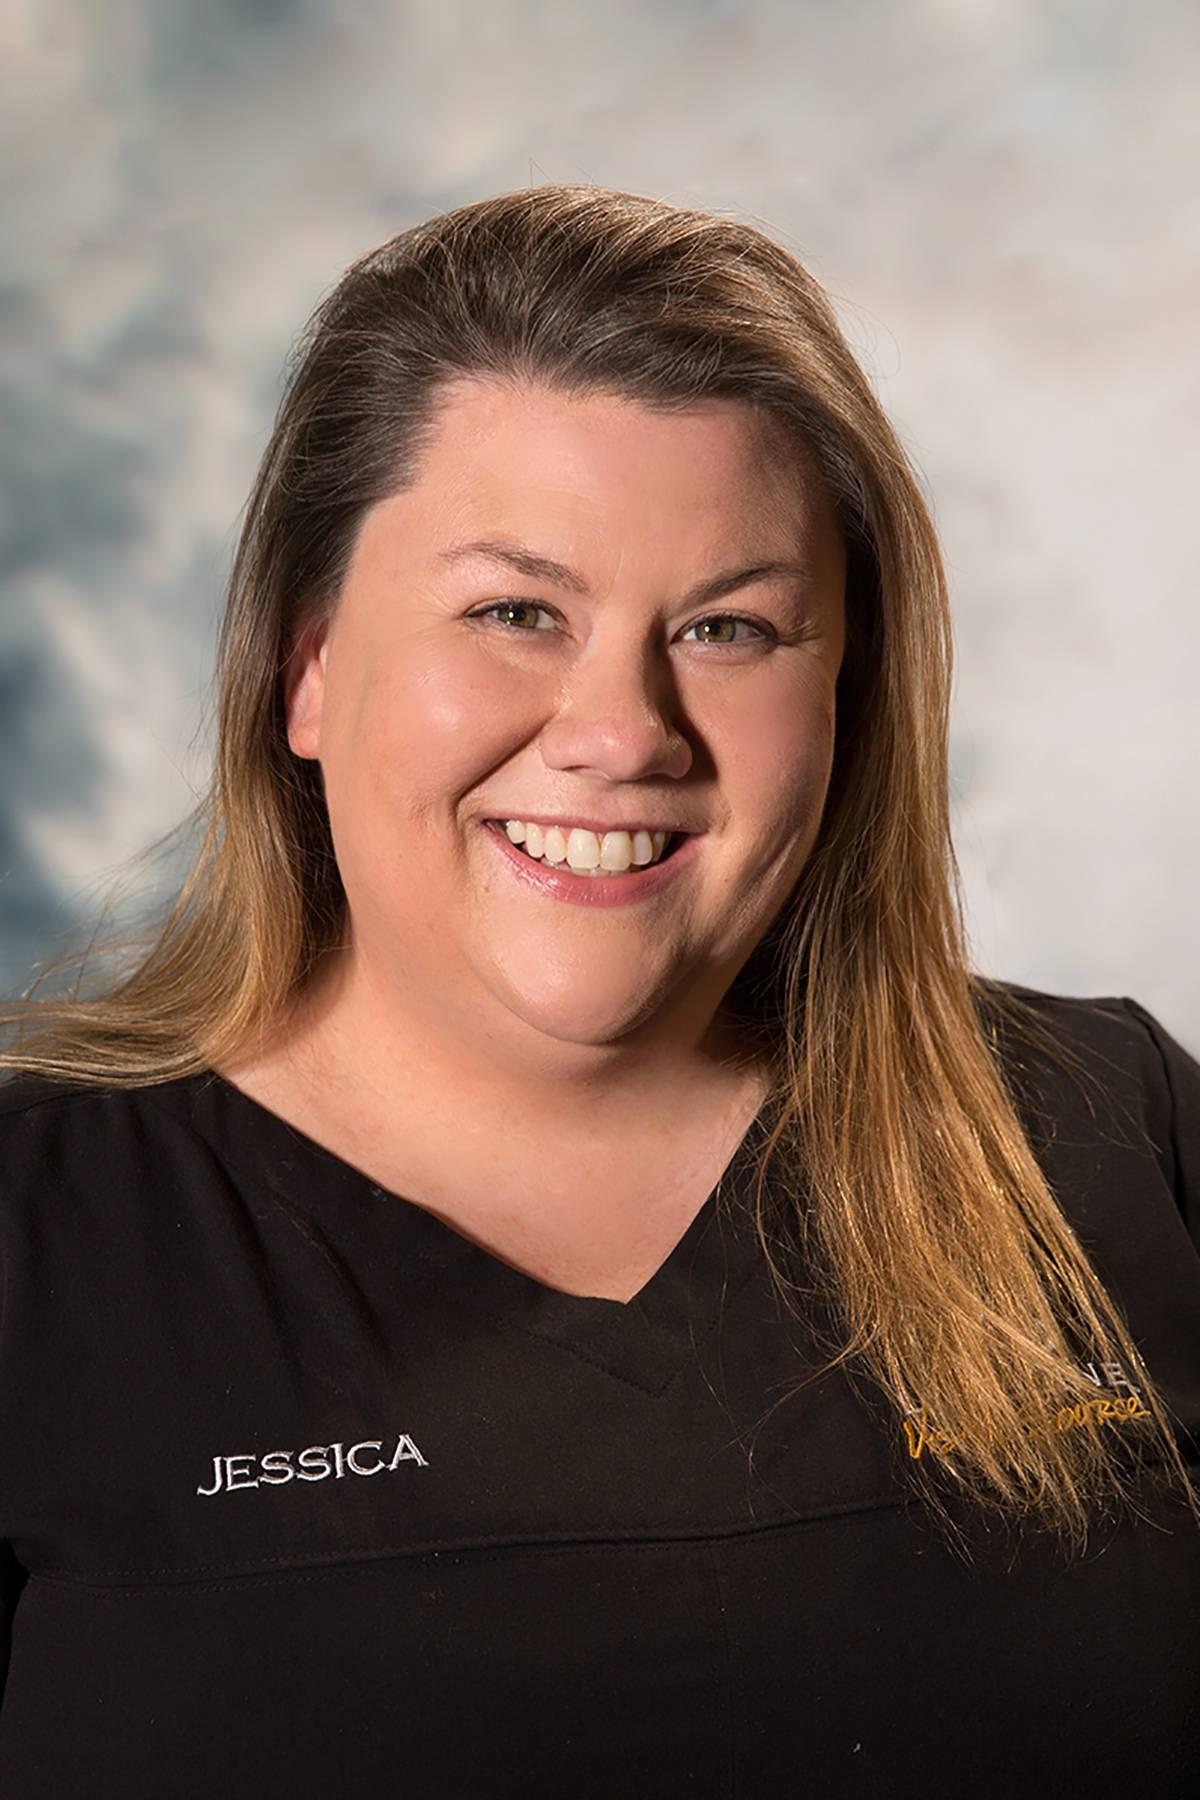 Jess BioPic